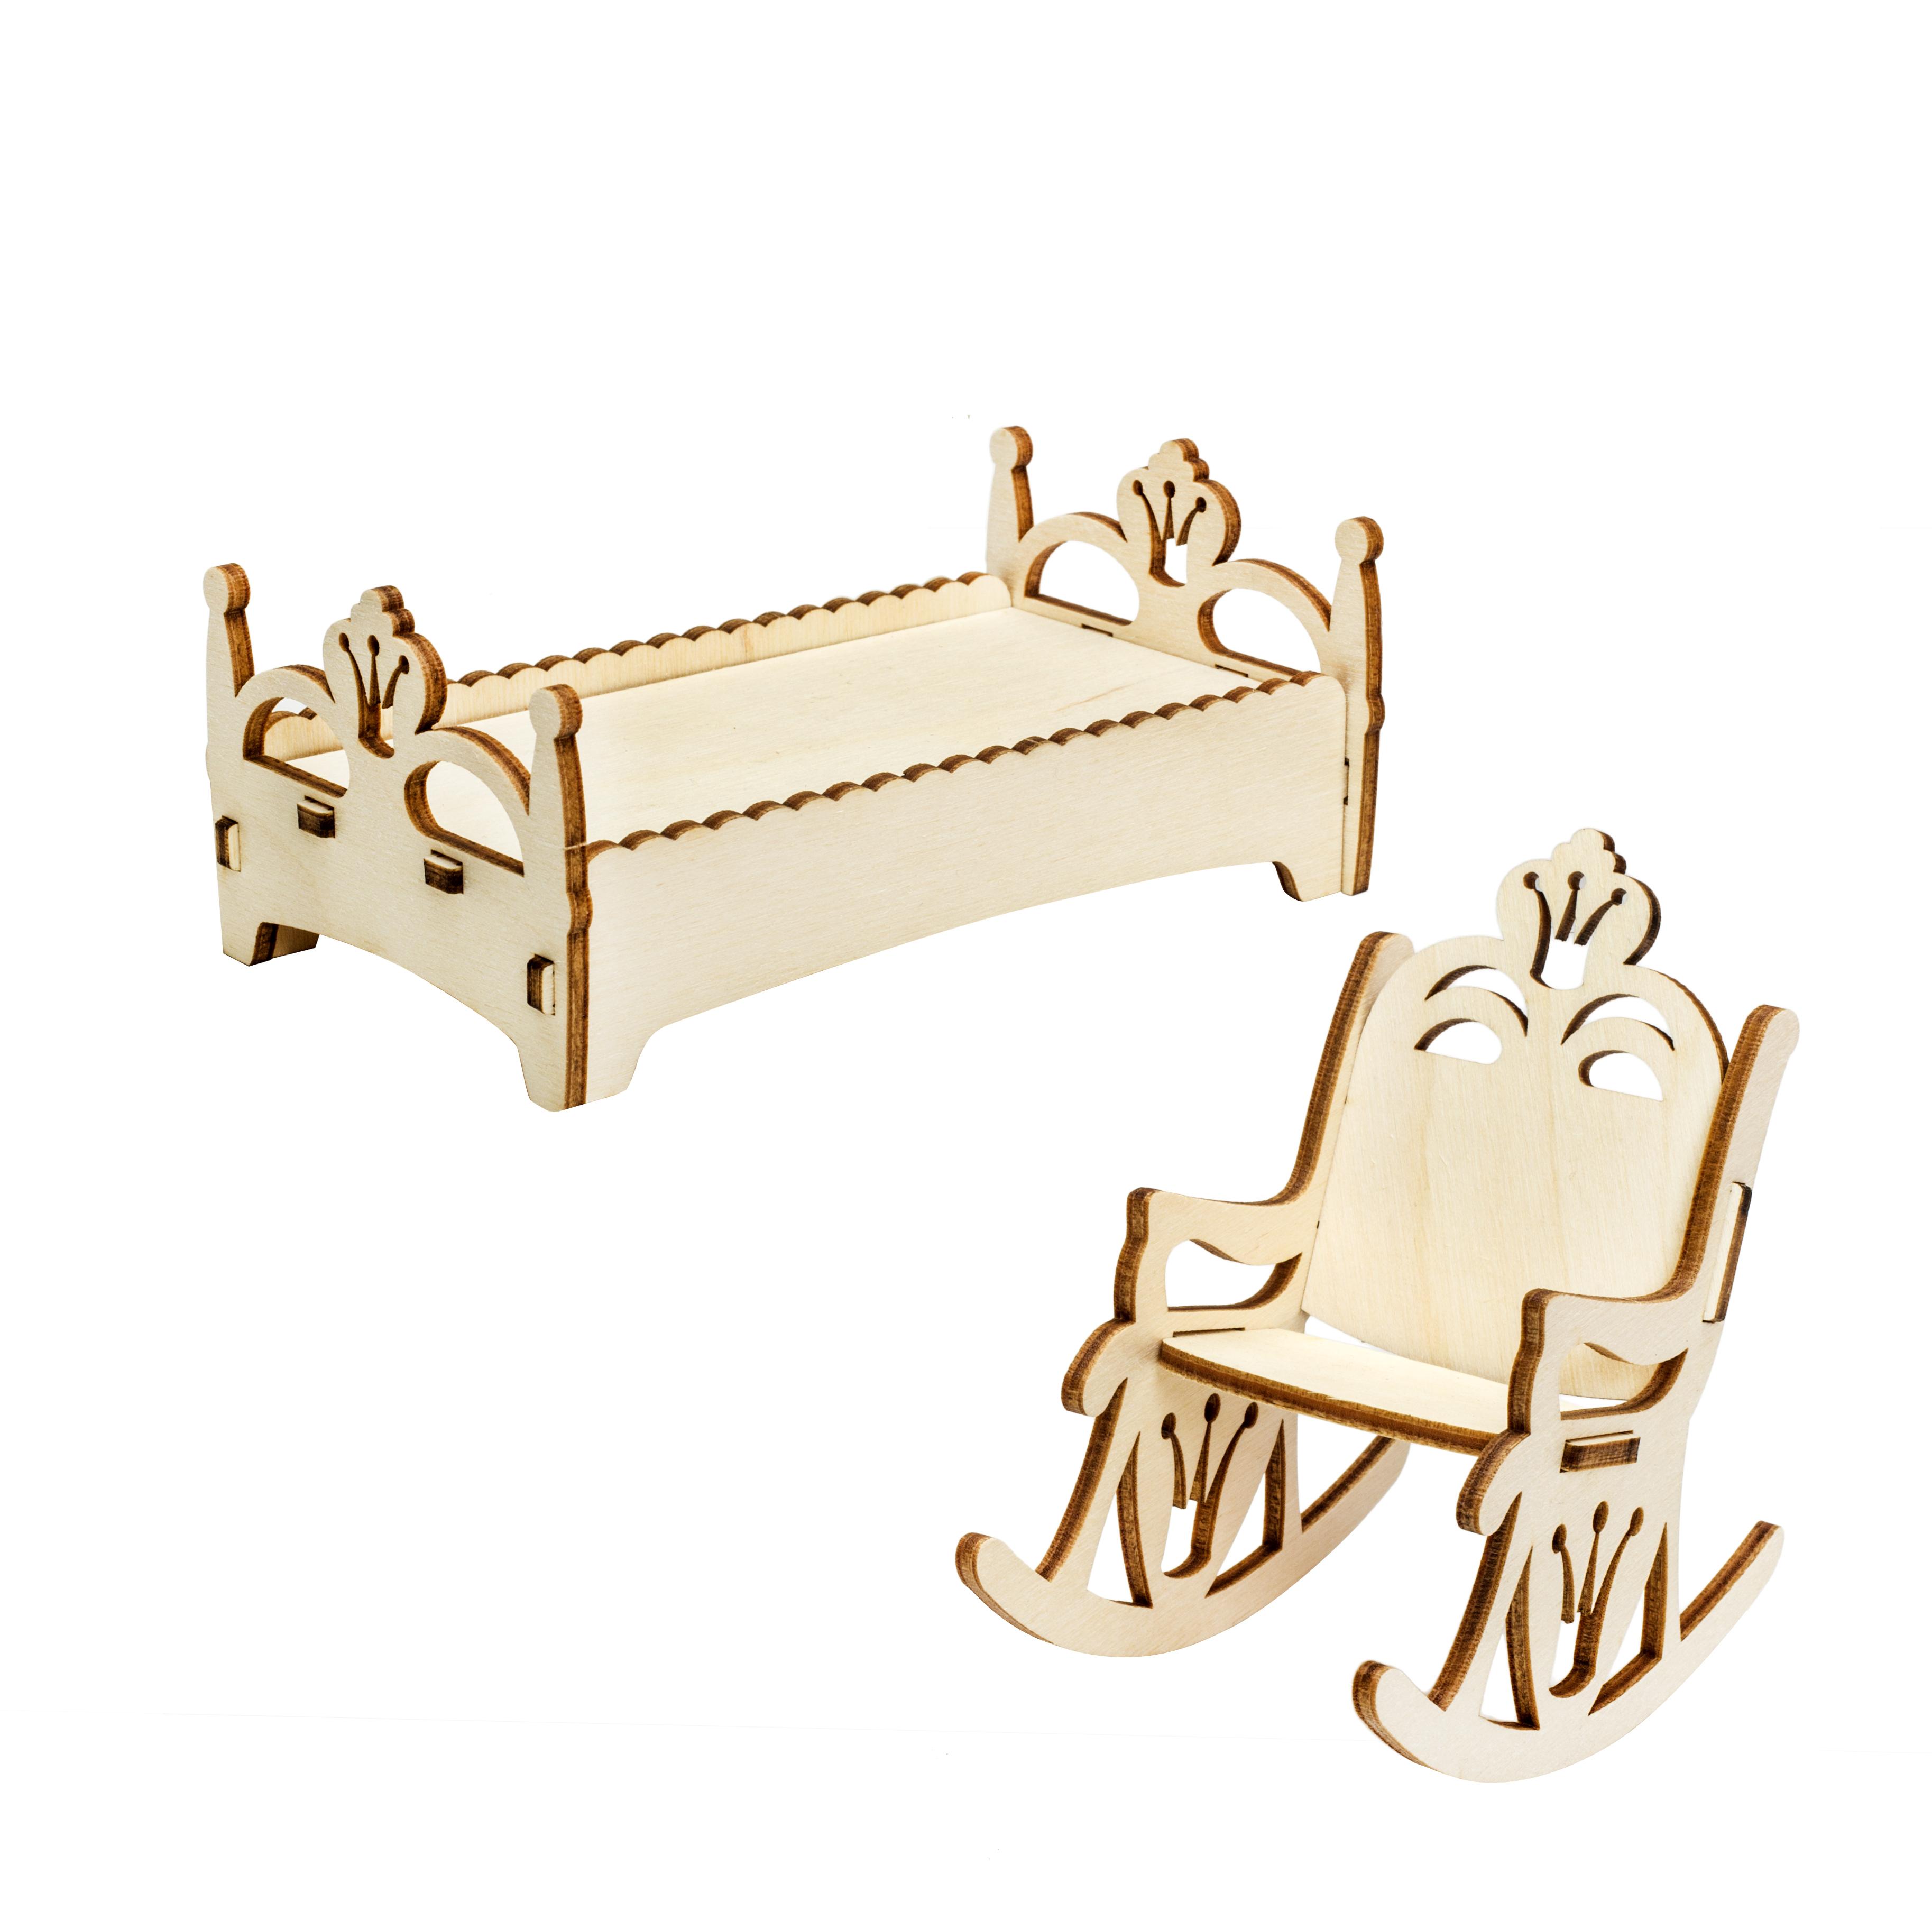 Мебель для кукол Iq Format в домик для кукол LOL, кресло-качалка и кроватка бежевый